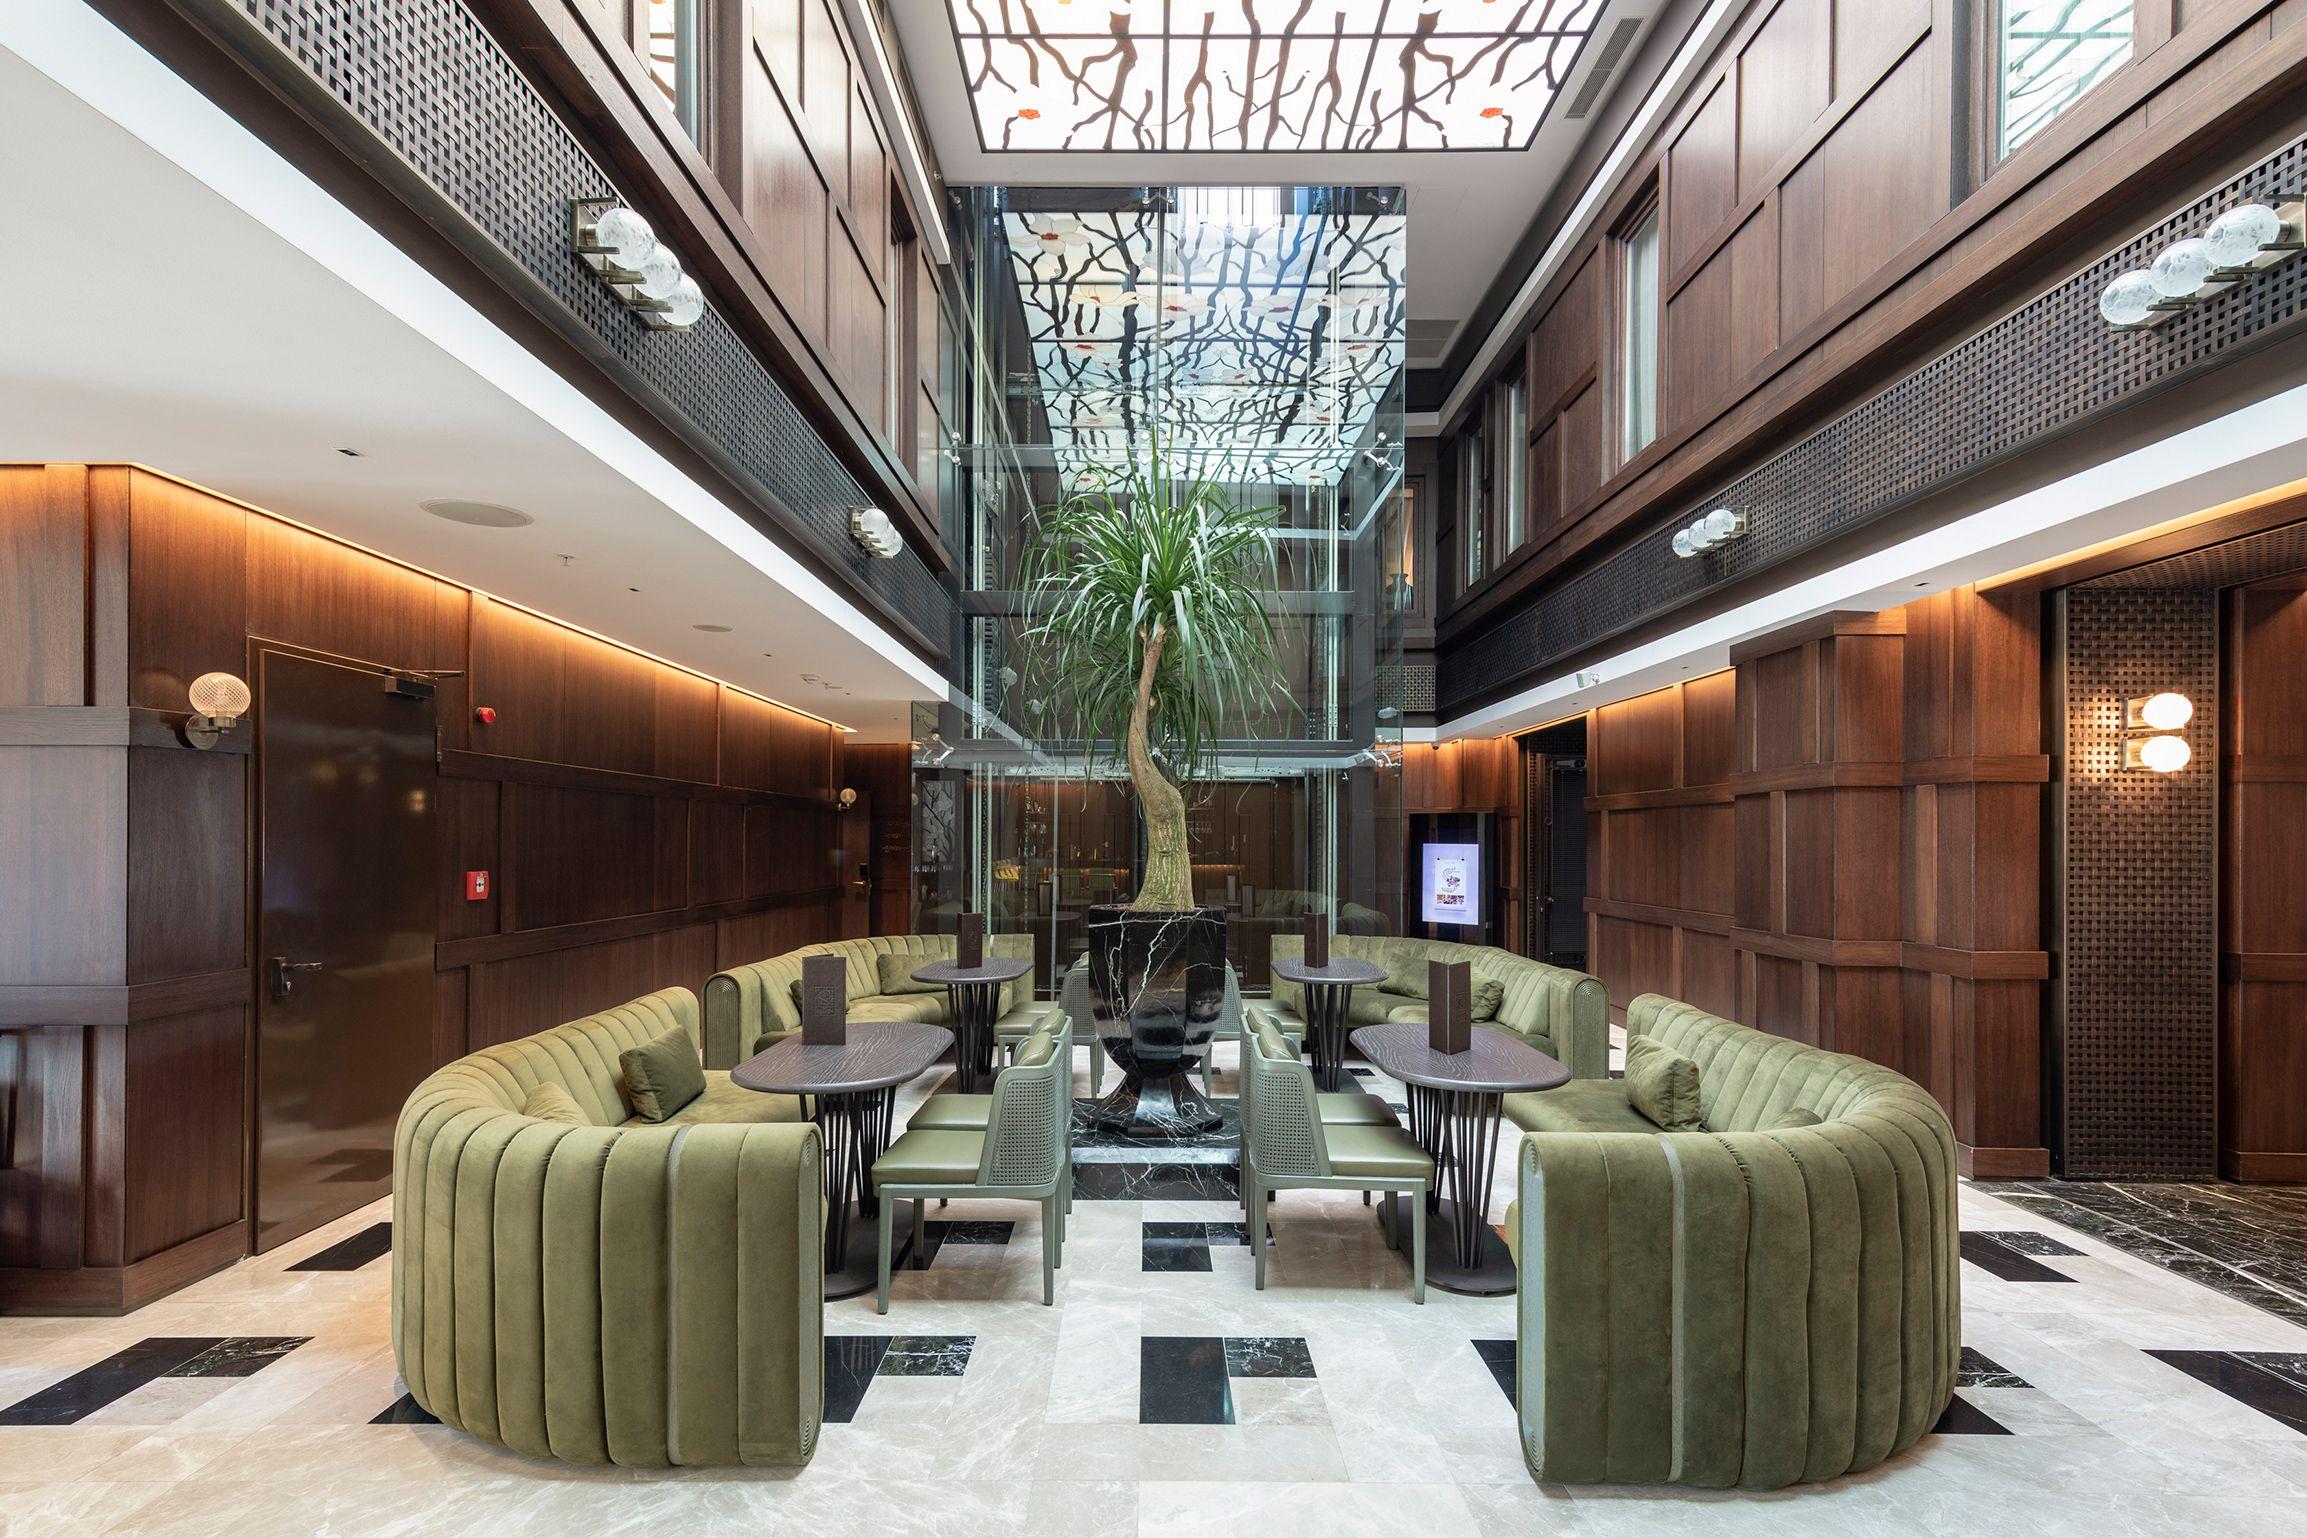 Un hotel en Estambul que reinterpreta el lujo otomano